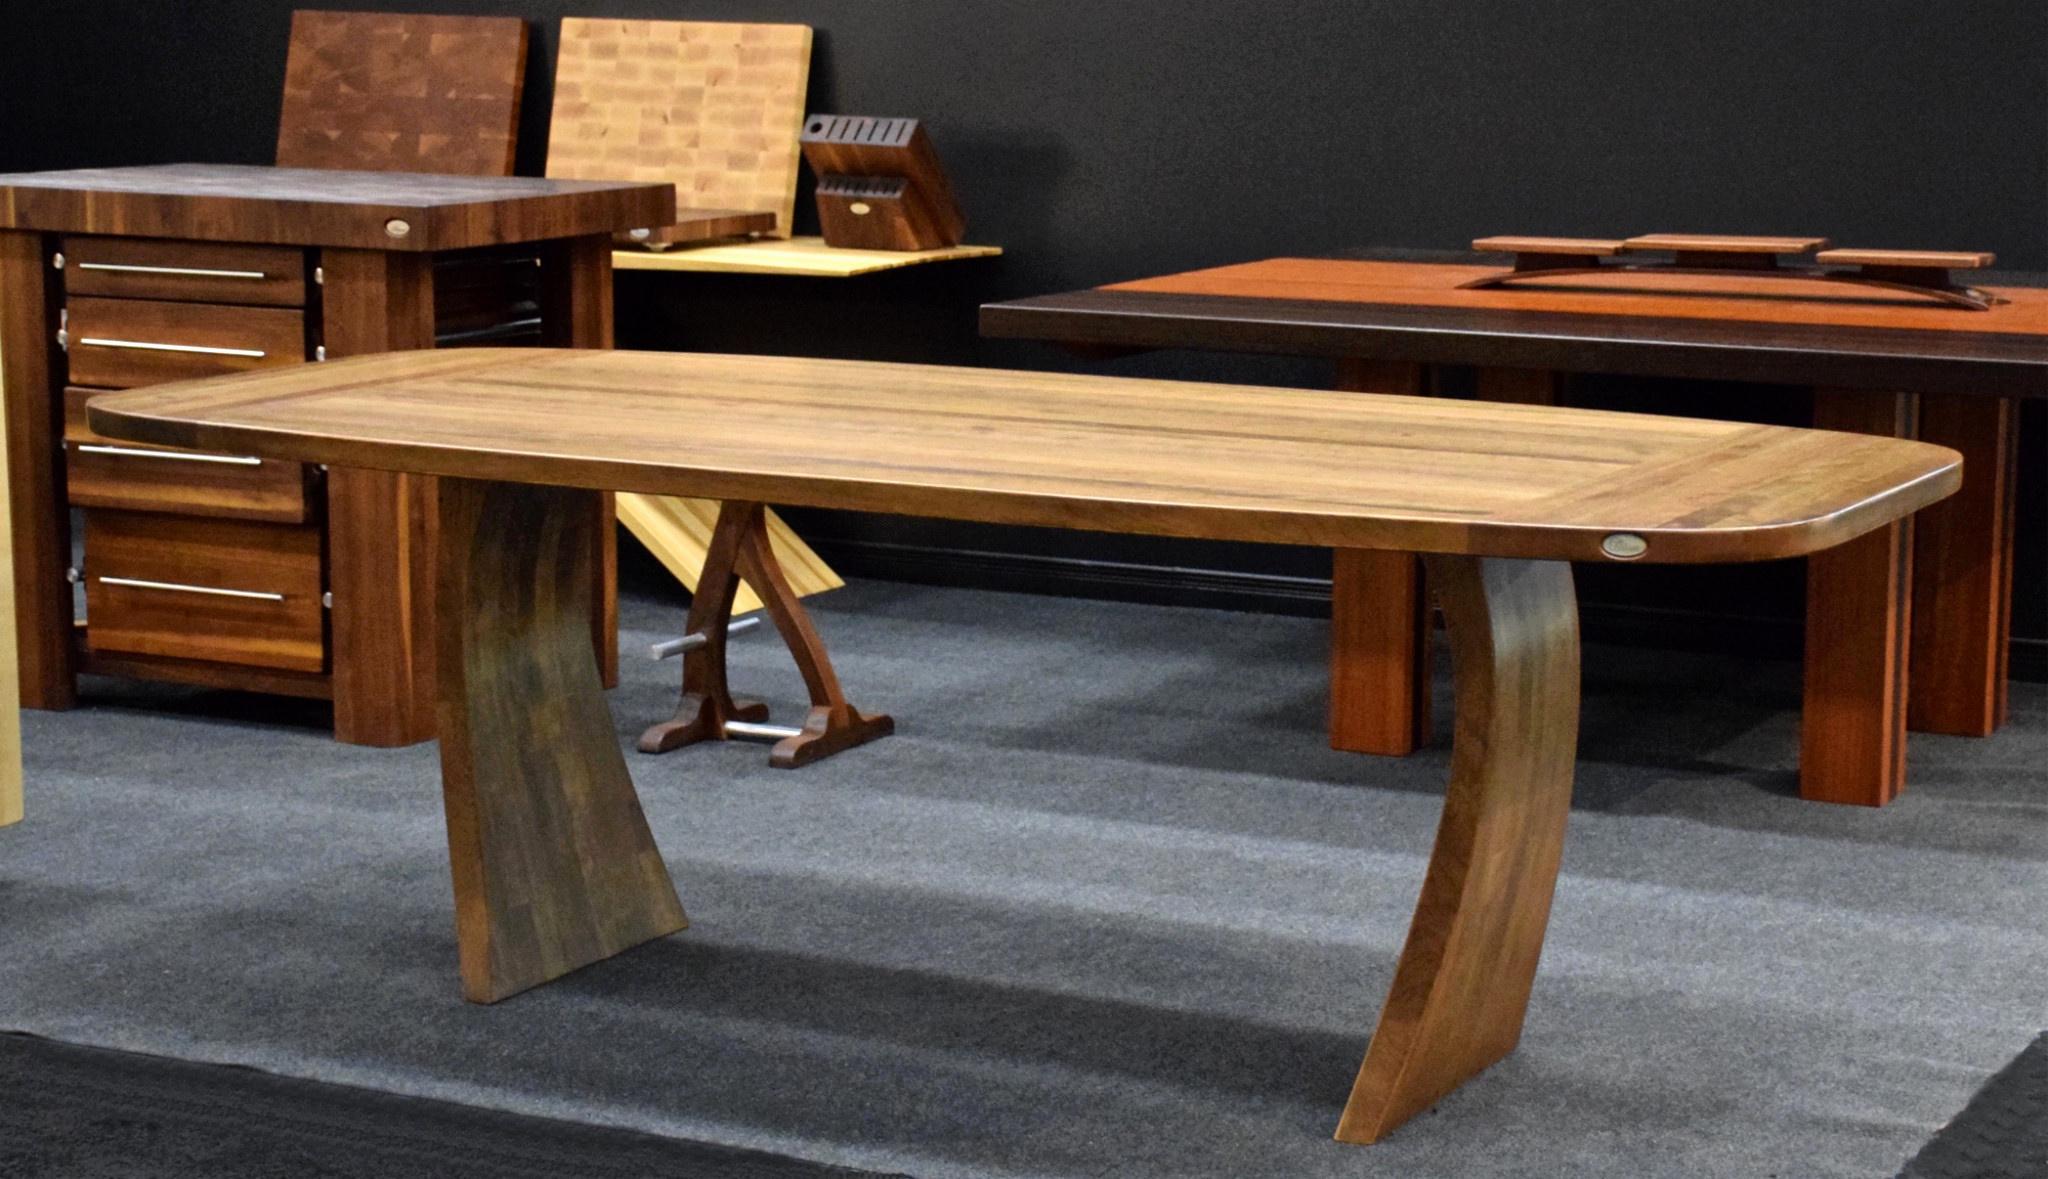 table ovale extensible nouveau elegant table ovale extensible bois belle table de salle a manger of table ovale extensible